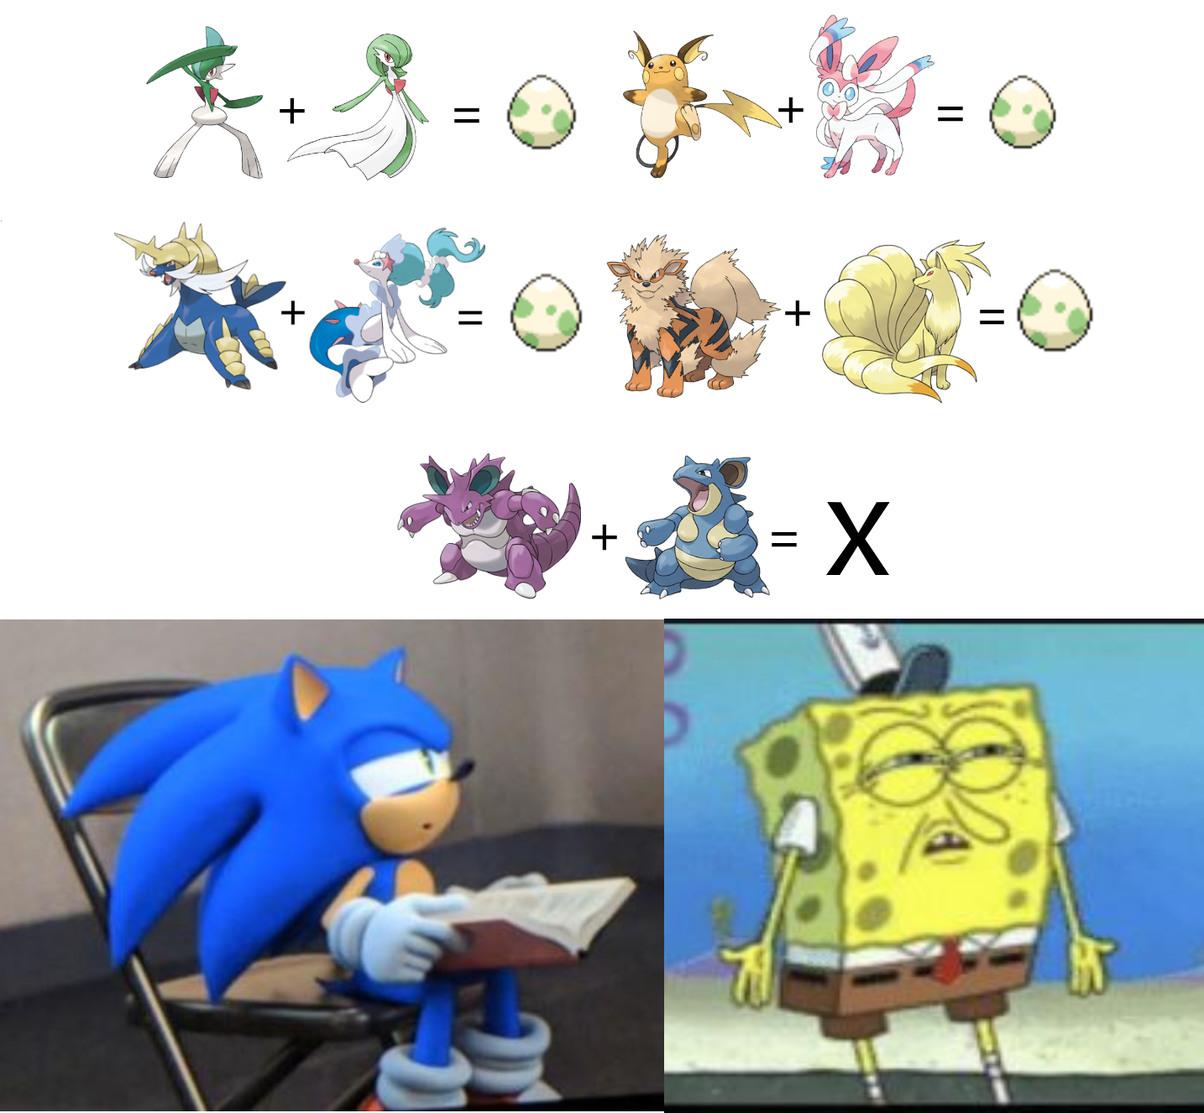 Logica de Pokemon :v - meme